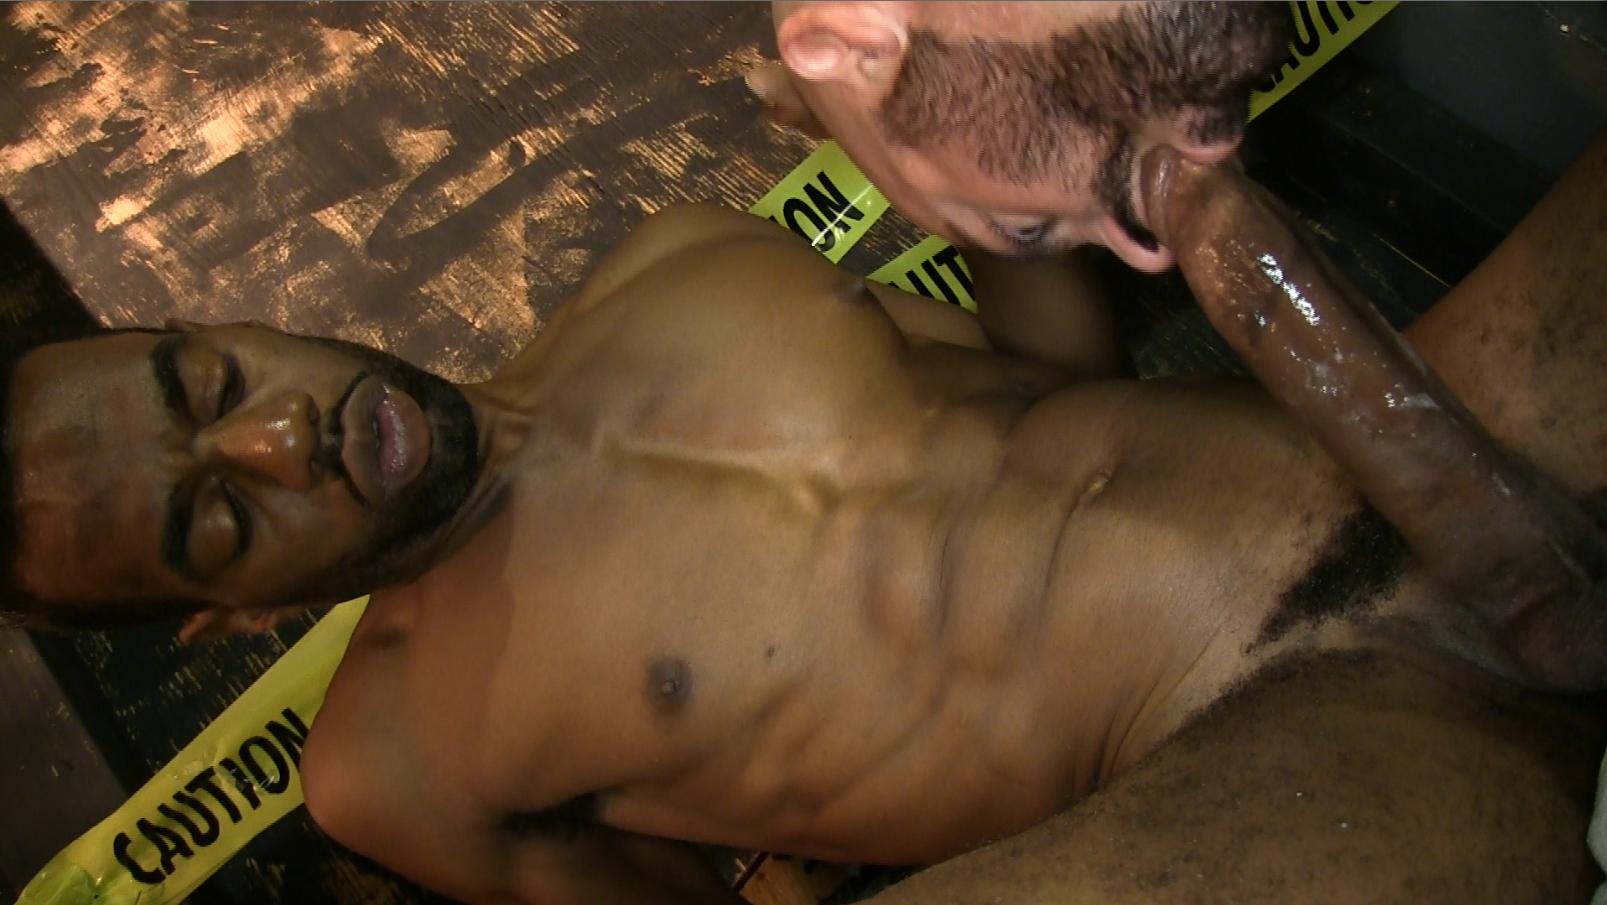 Dark underground xxx porn movies